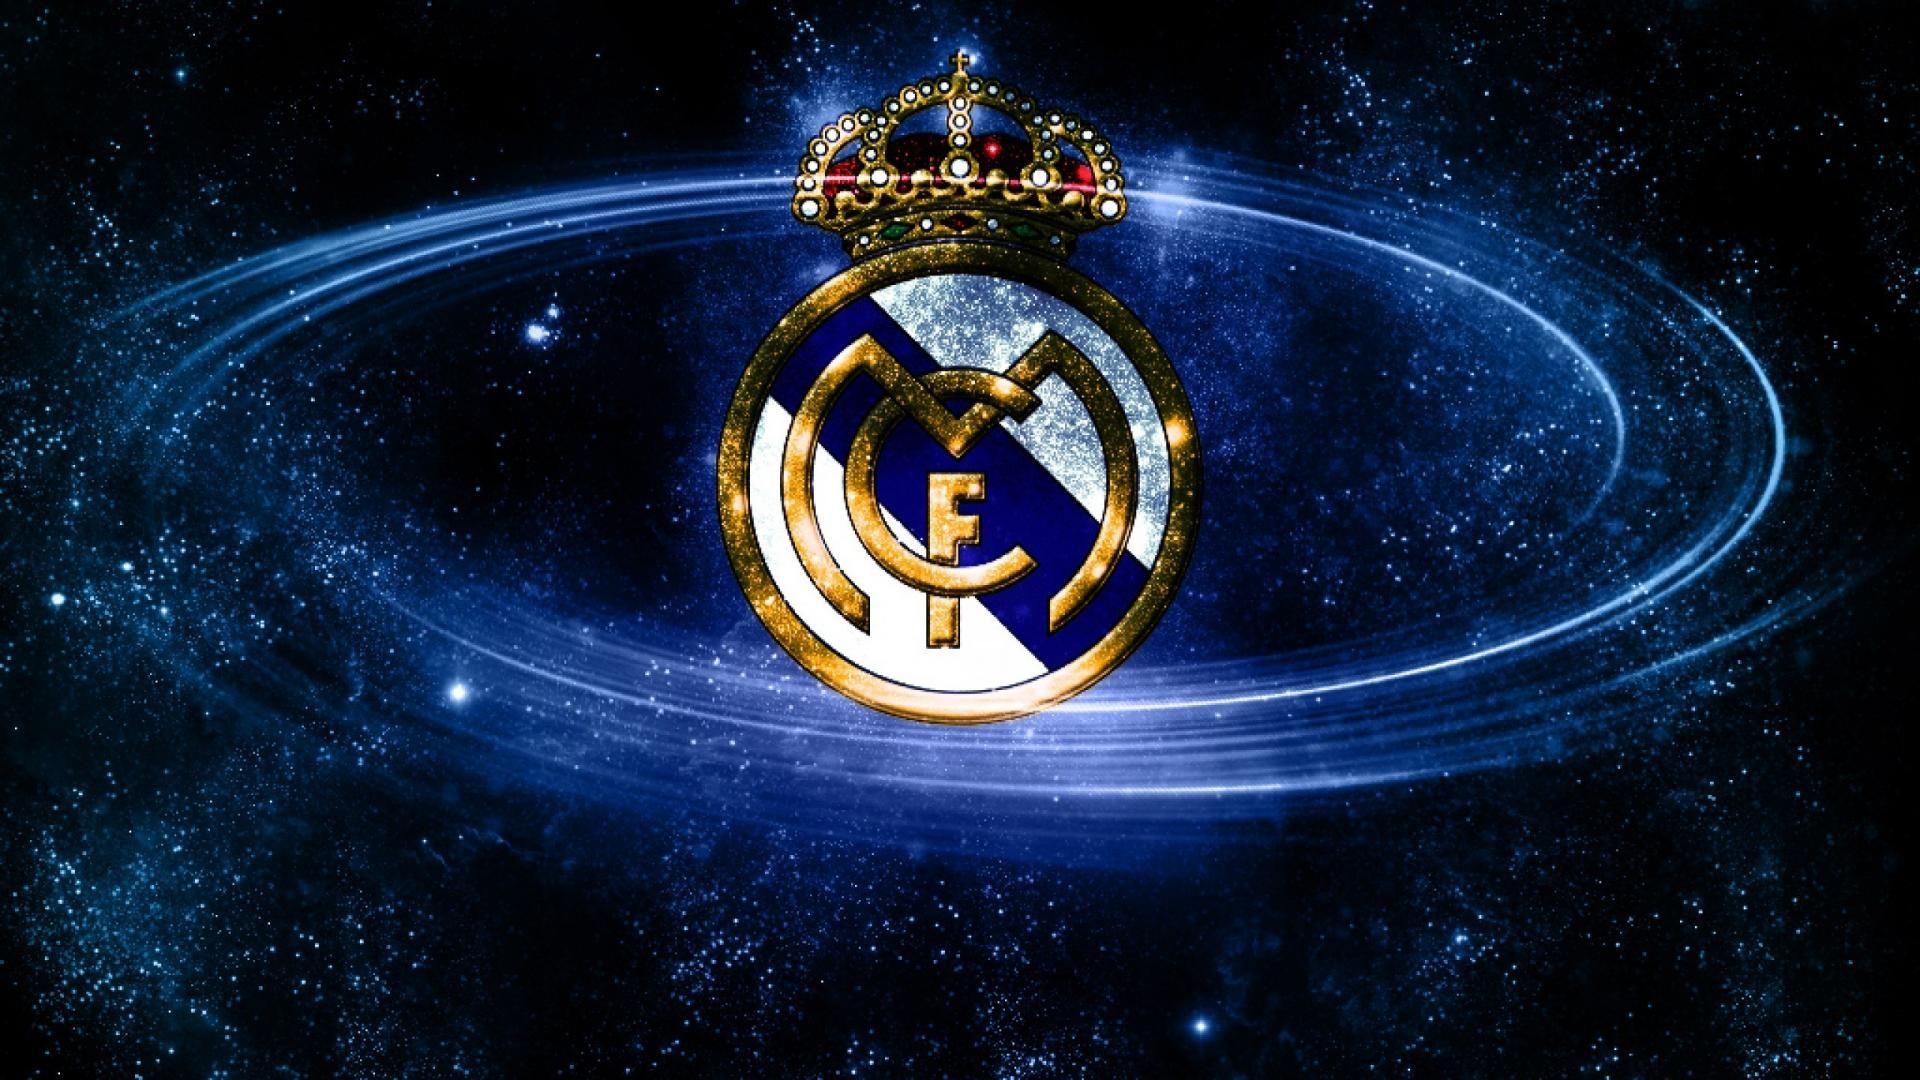 Real Madrid Wallpaper Realmadrid Real Madrid Logo Real Madrid Logo Wallpapers Real Madrid Wallpapers